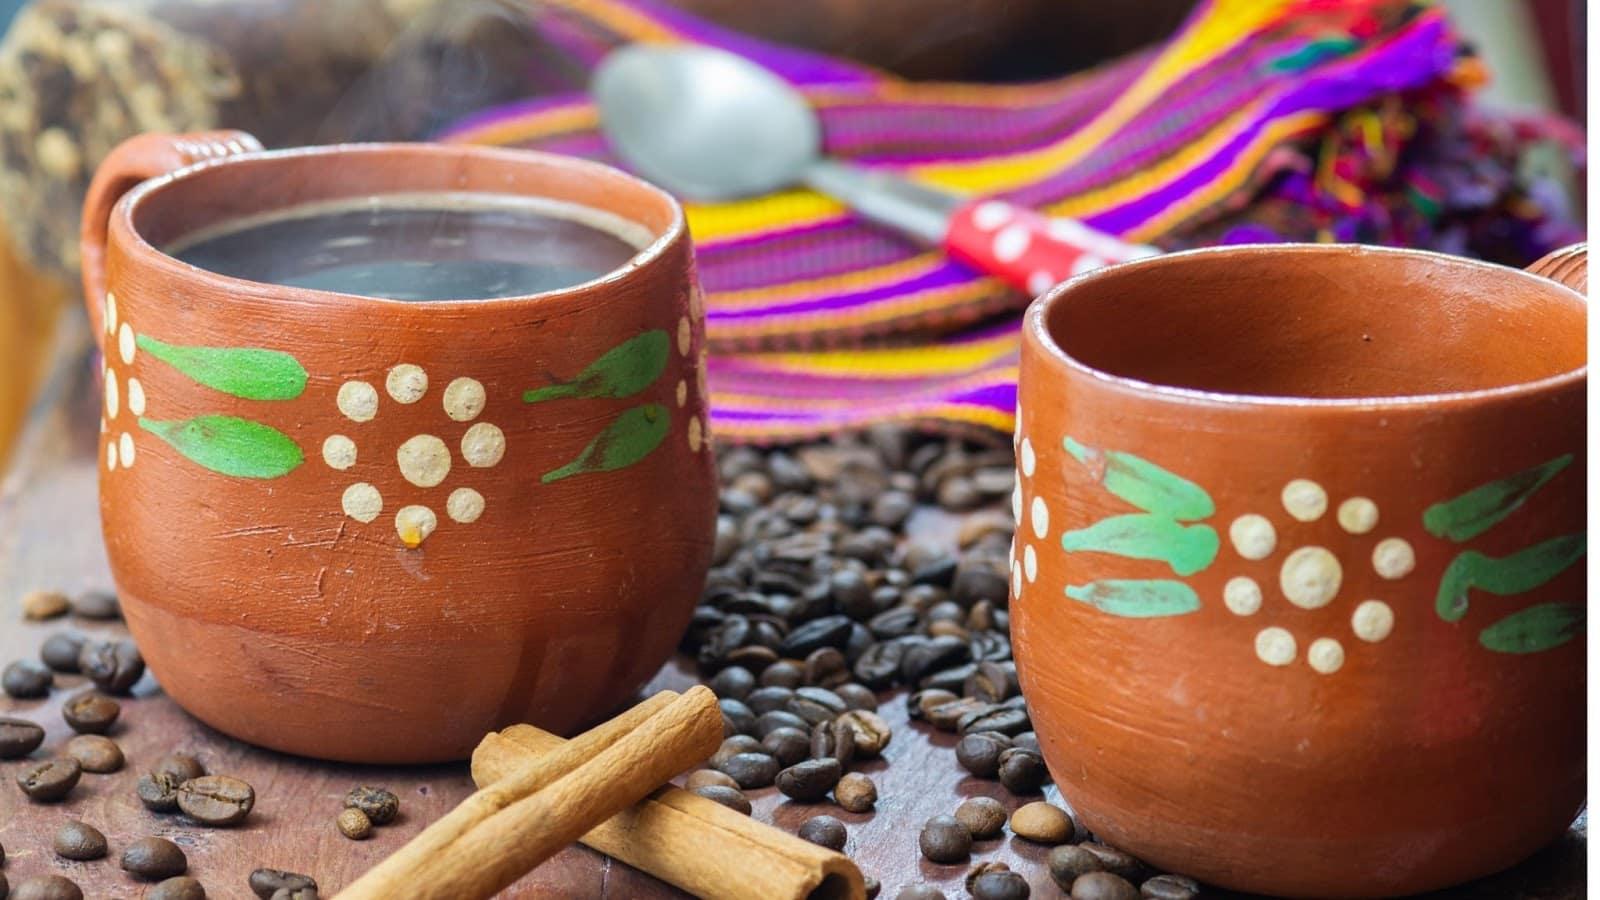 Unique clay pot Café de Olla from Mexico